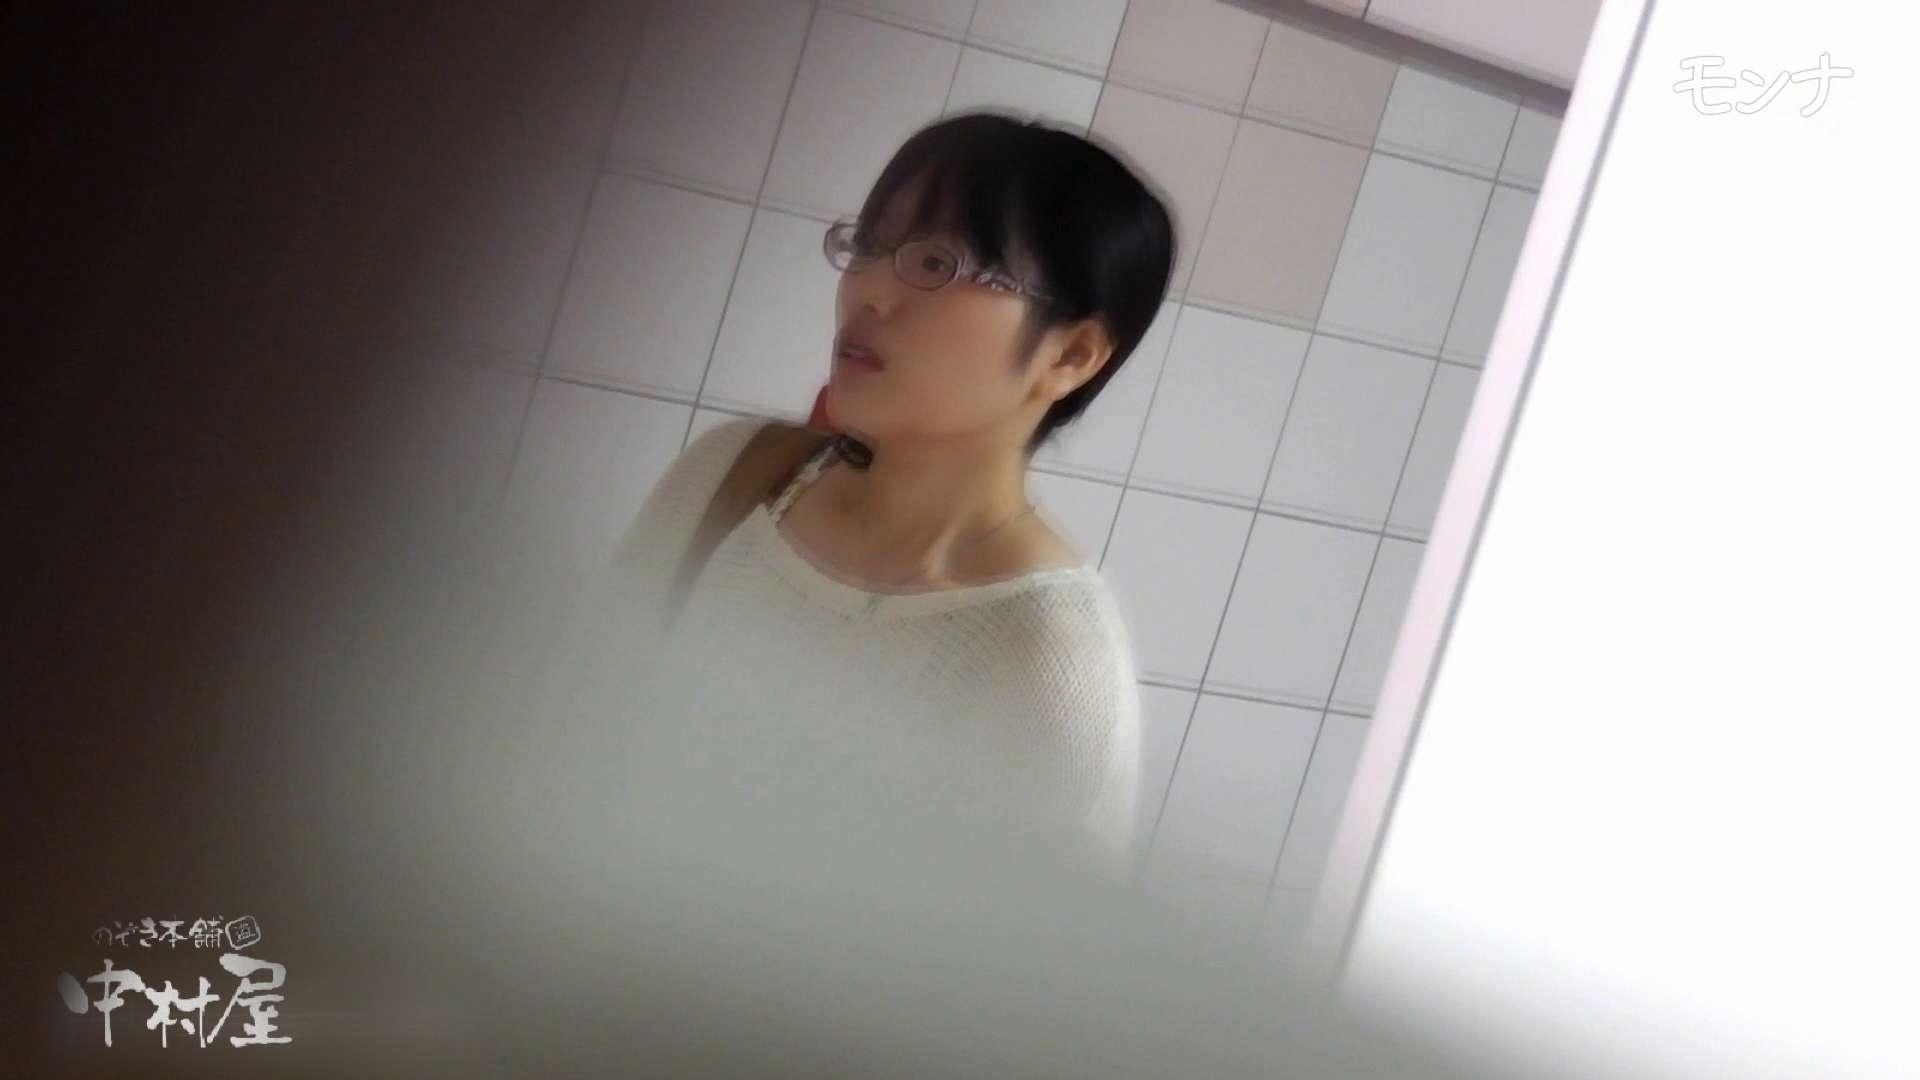 美しい日本の未来 No.55 普通の子たちの日常調長身あり 盗撮師作品  72pic 25